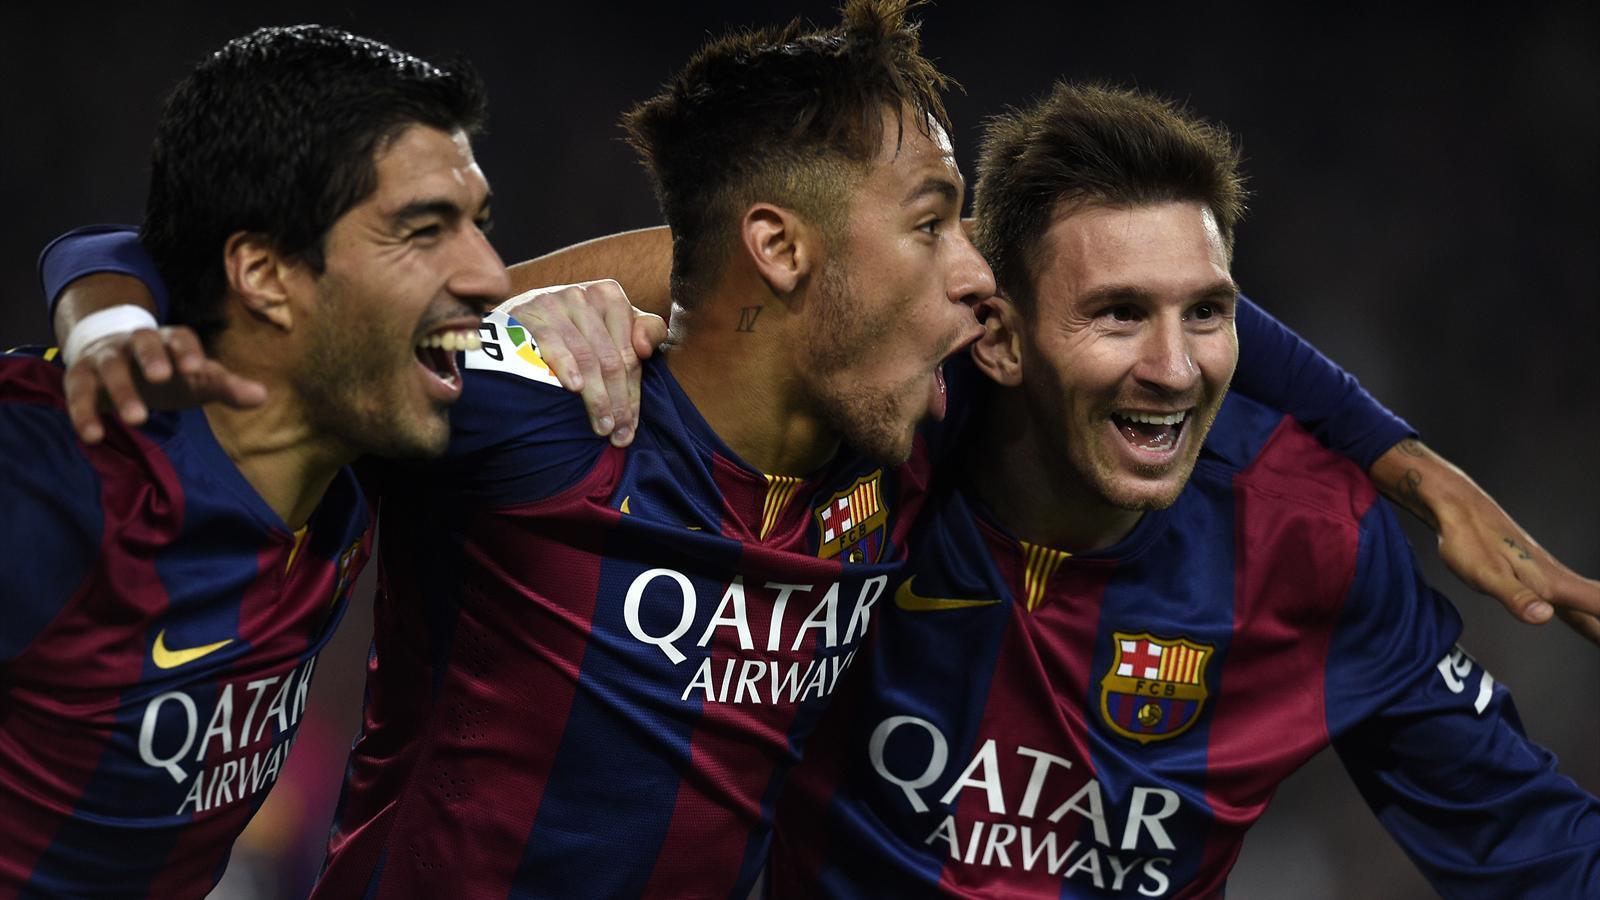 Luis Suarez, Neymar et Lionel Messi ont marqué chacun un but face à l'Atlético.